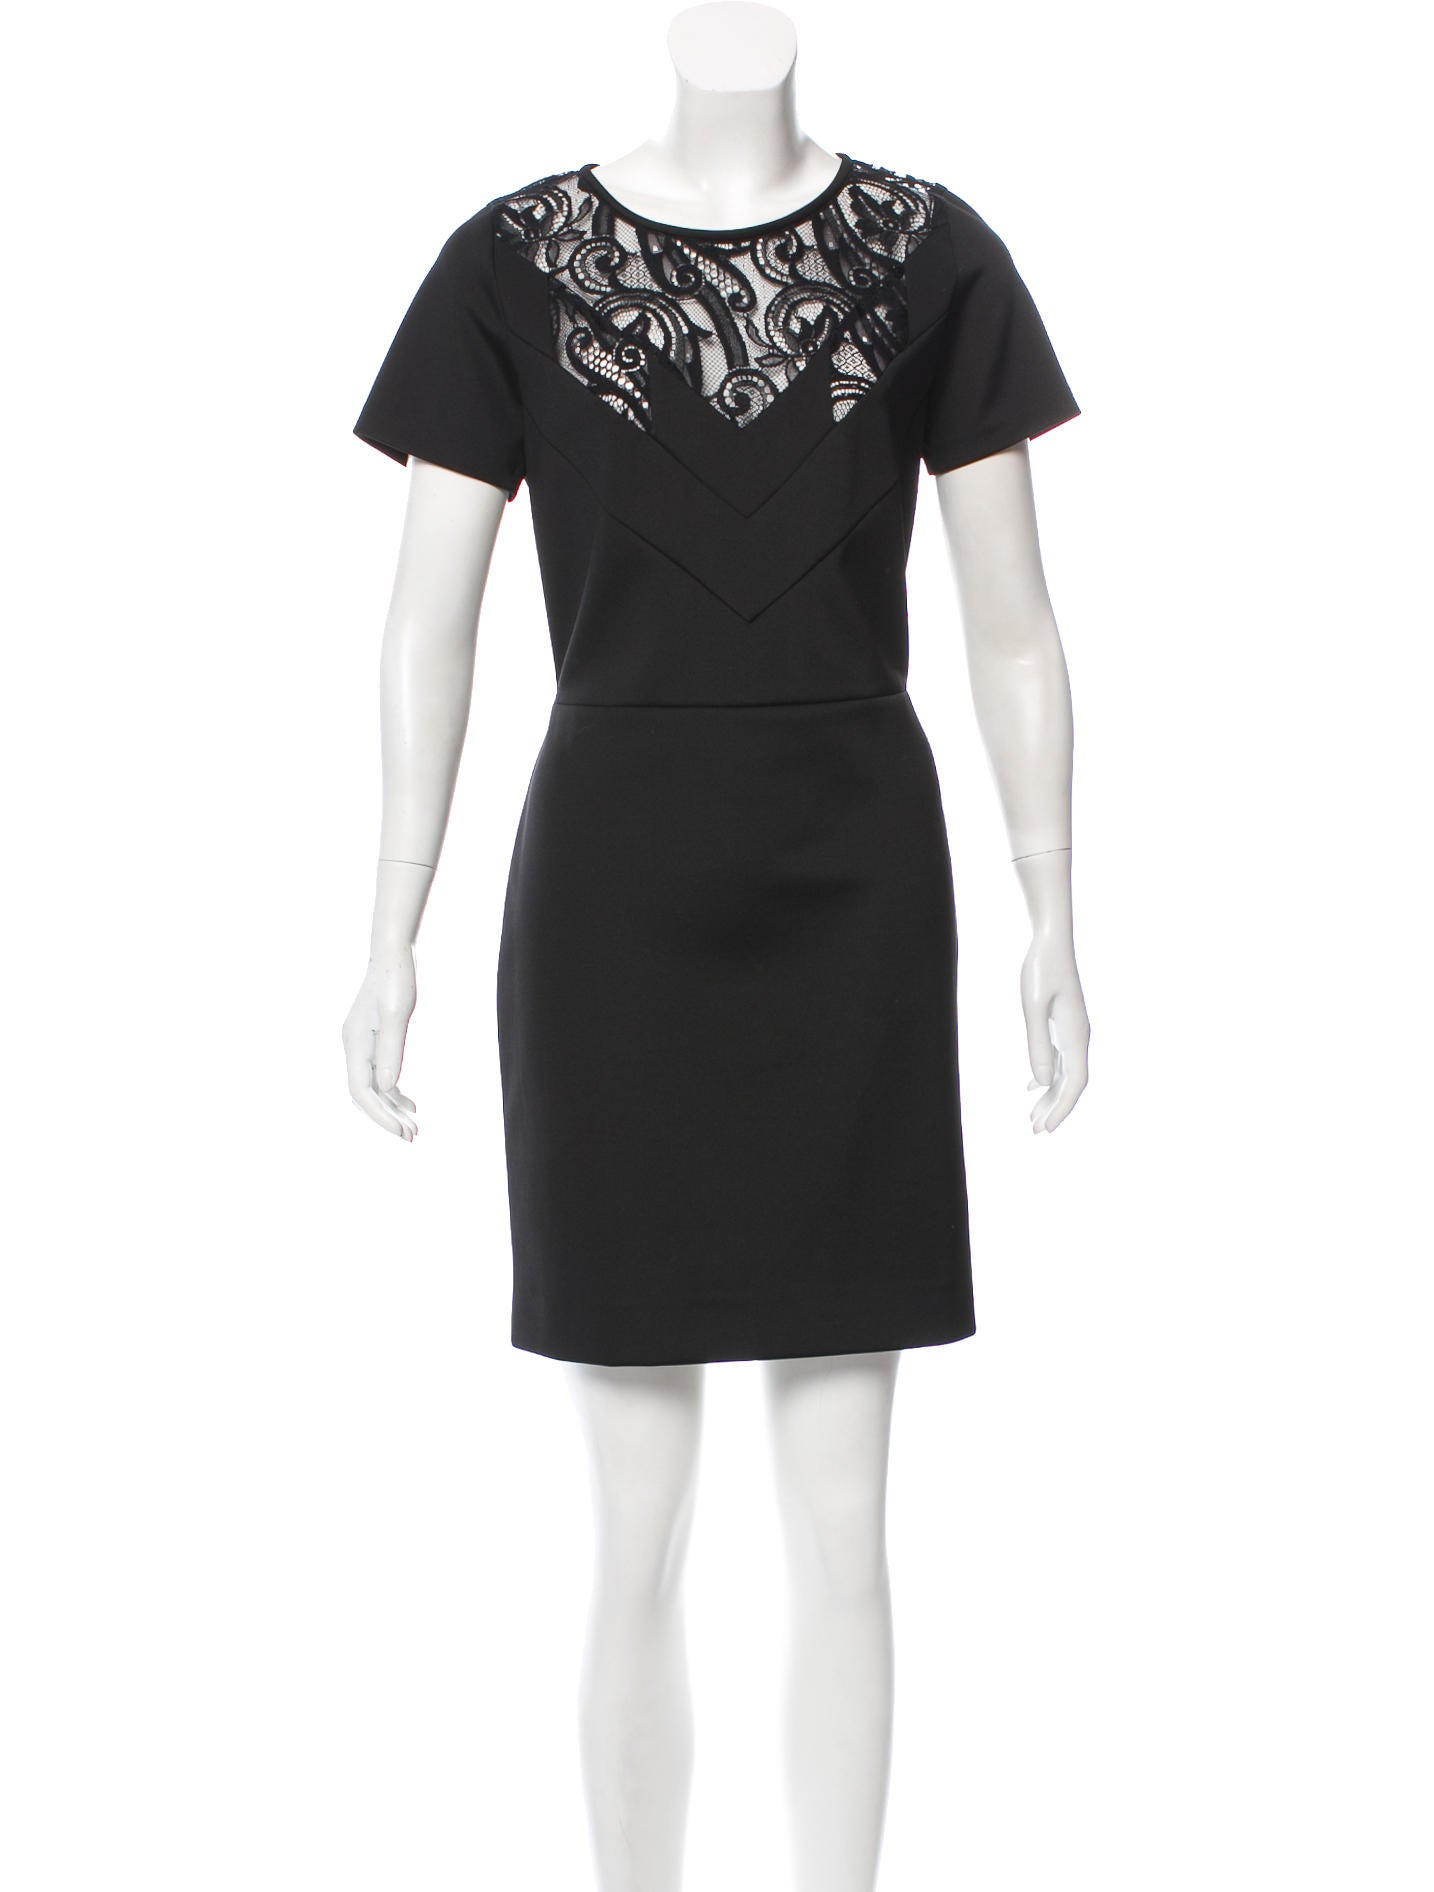 Sandro Lace-Accented Mini Dress Sale Sale Huge Surprise r40XvbJz